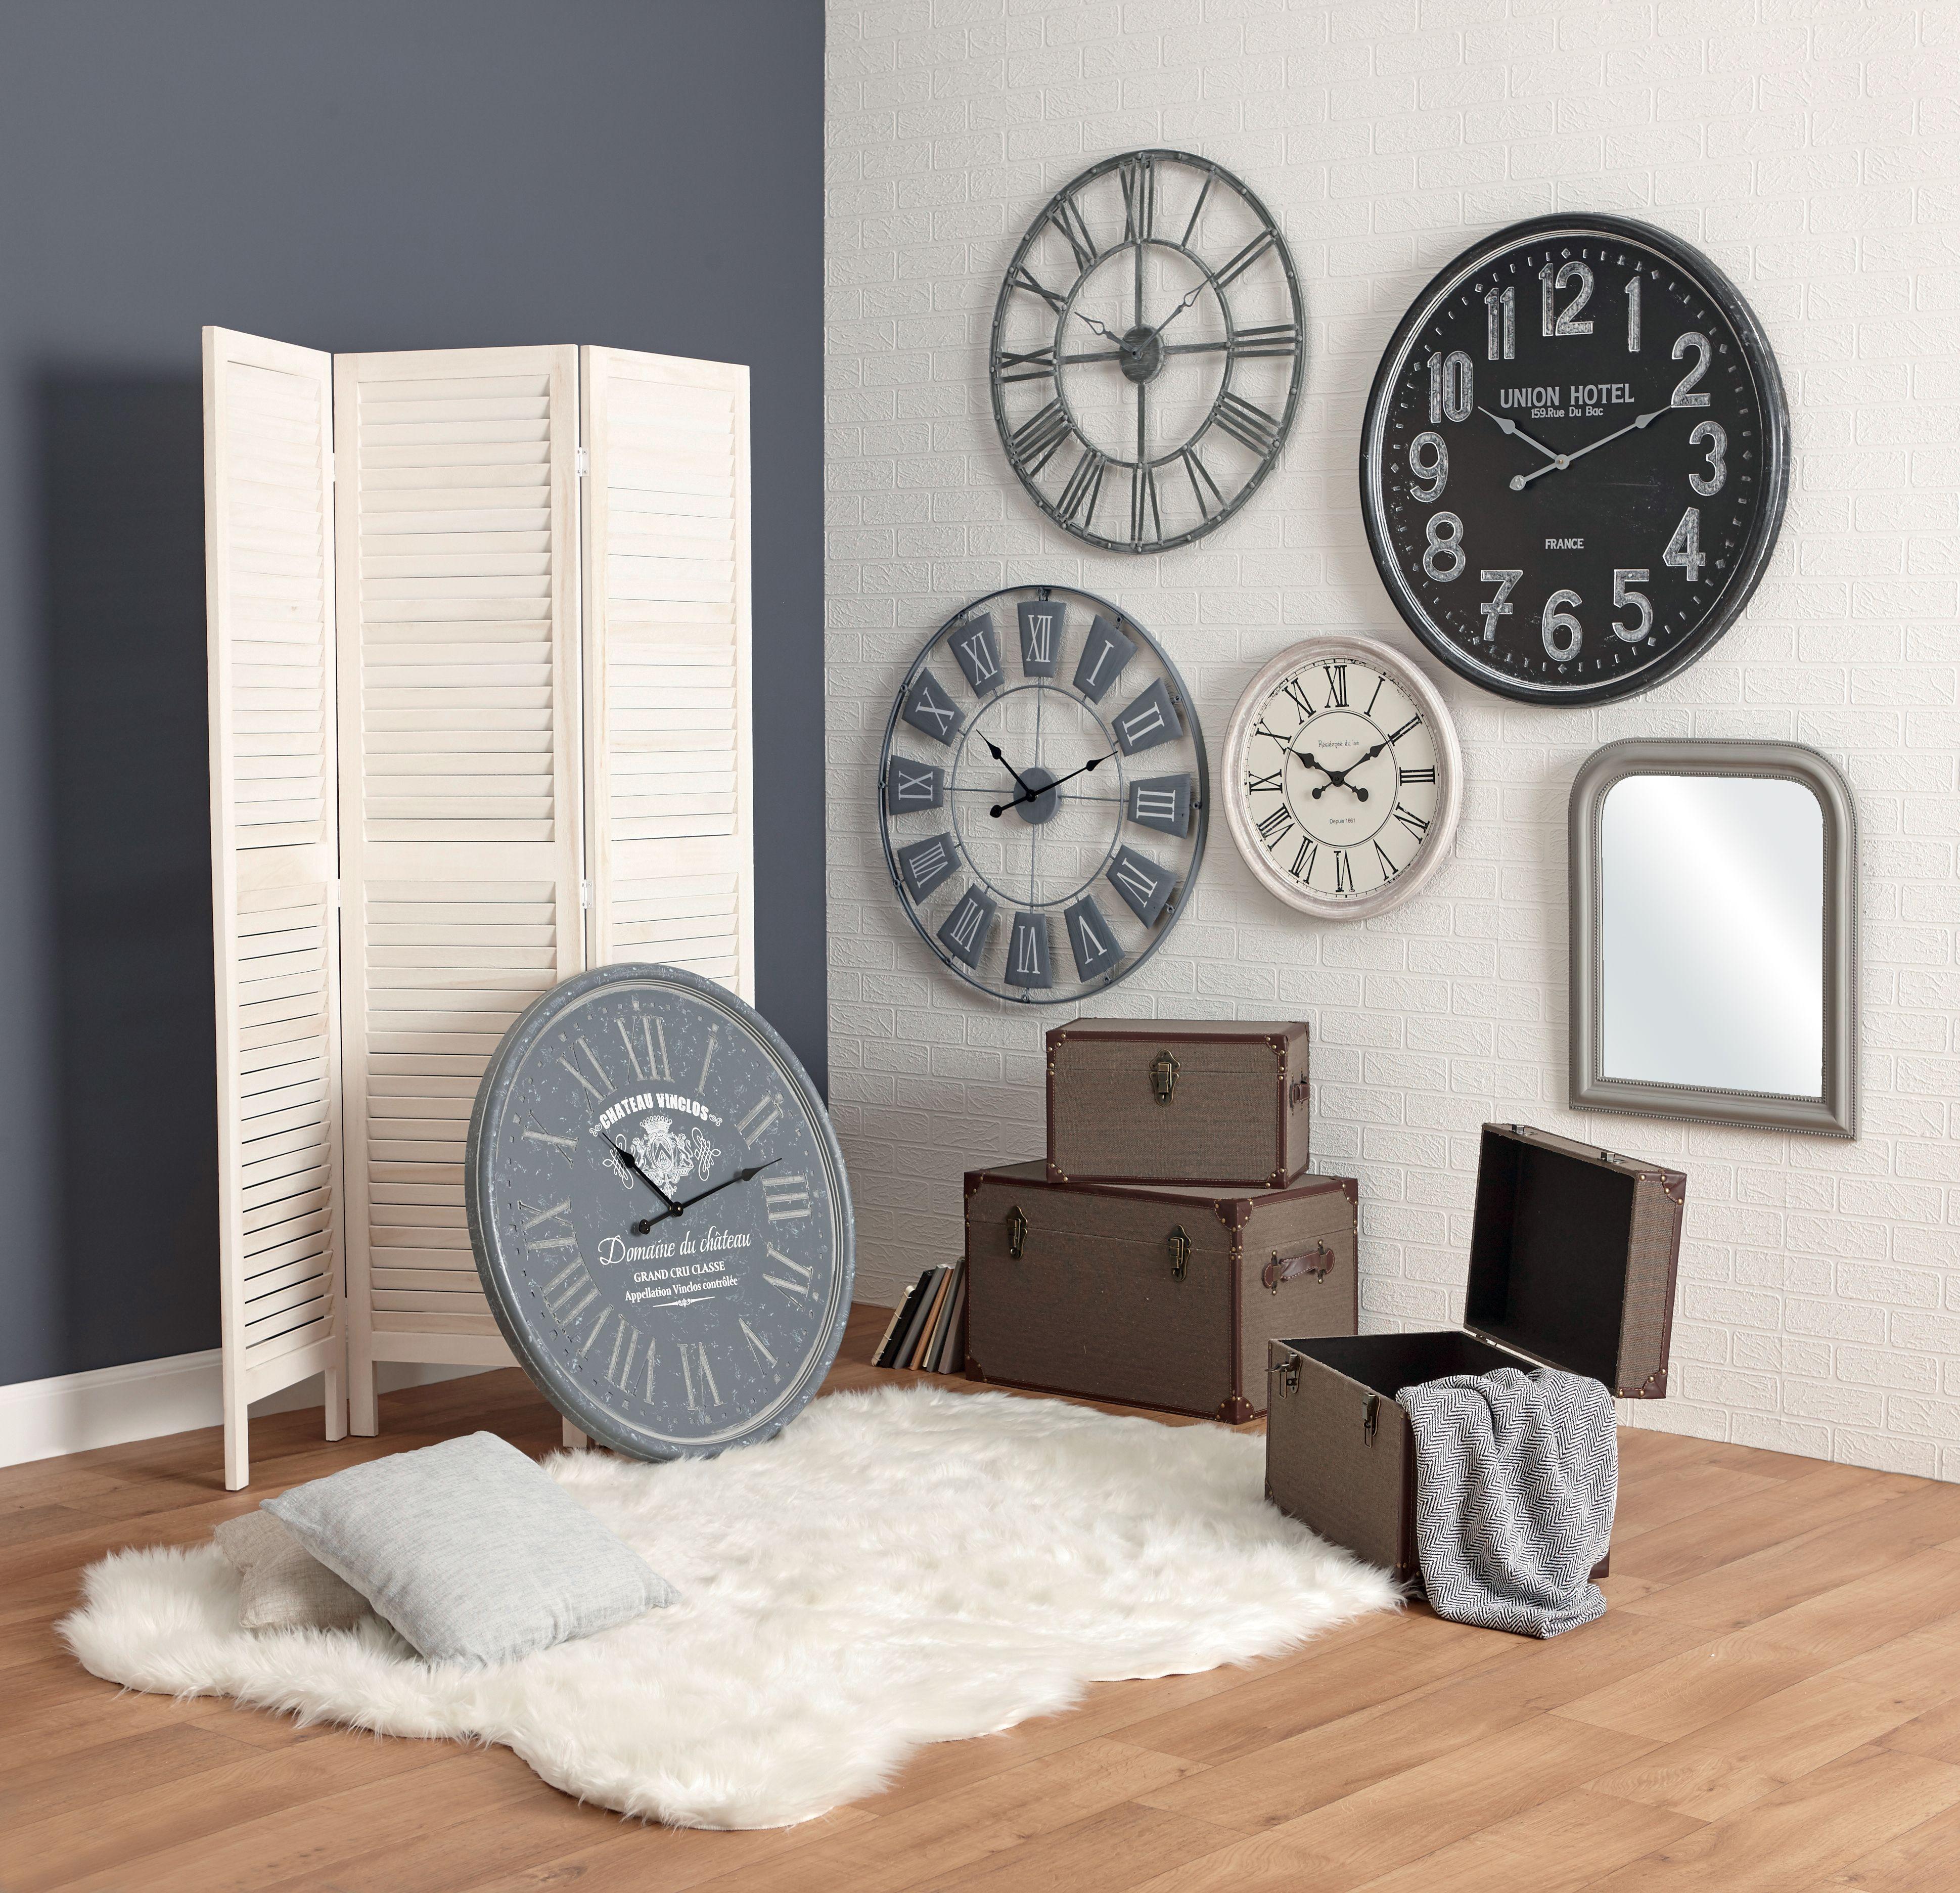 horloges centrakor table basse